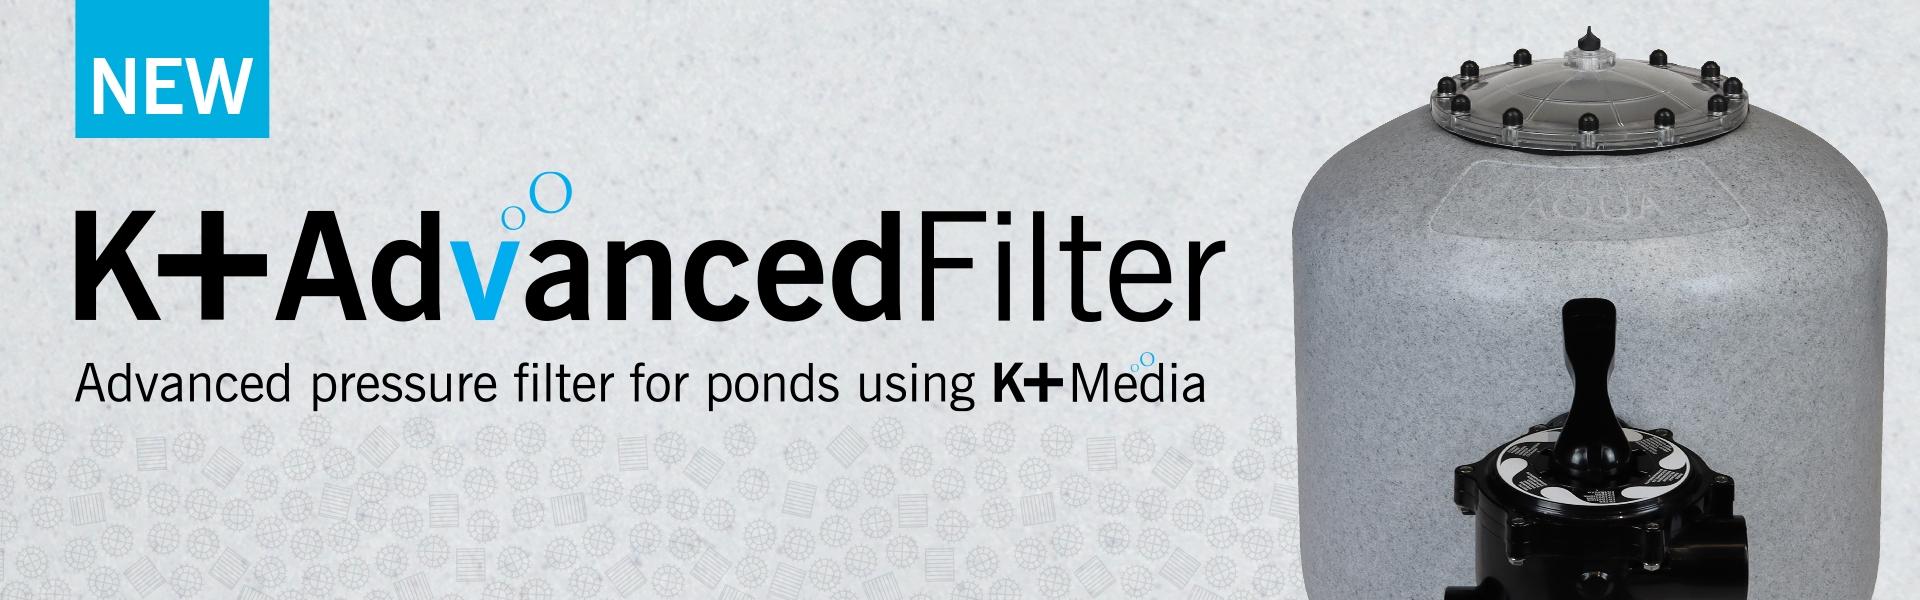 K Advanced Filter - Pressure filter information page